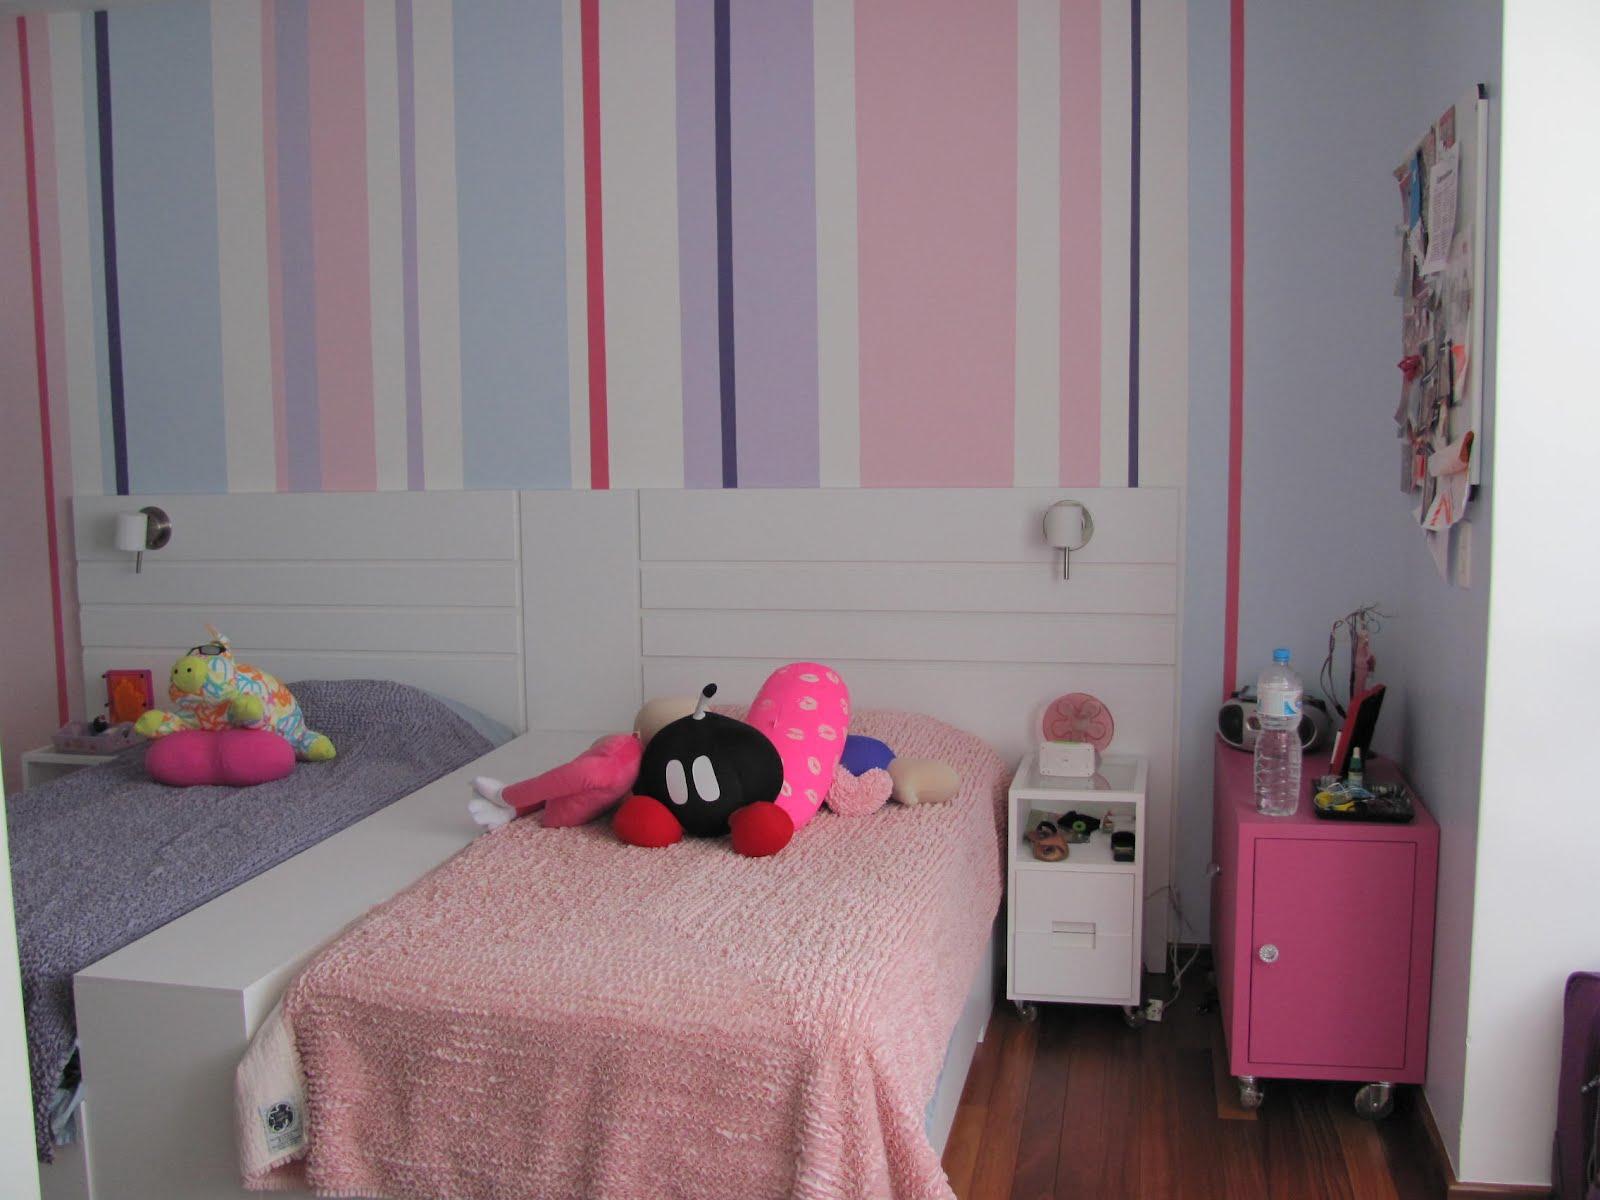 Quarto De Bebe Rosa E Lilas 11 Car Interior Design ~ Quarto Rosa E Lilas